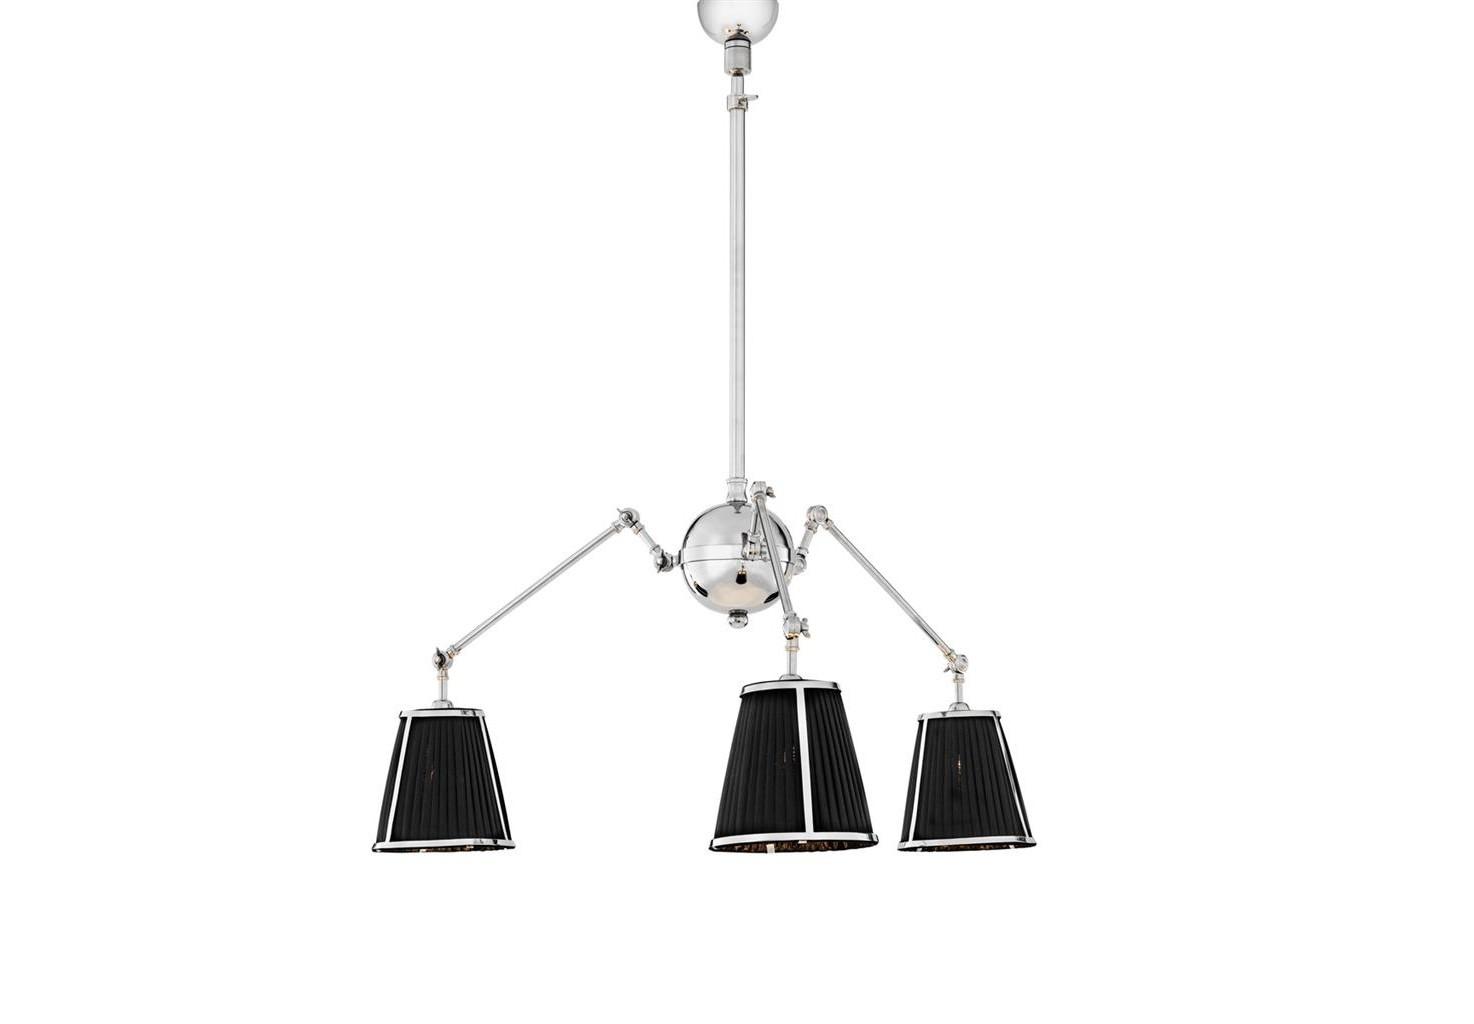 Подвесной светильникПодвесные светильники<br>Подвесной светильник Ceiling Lamp Constance с текстильными плиссированными абажурами черного цвета. Арматура из металла цвета никель.&amp;lt;div&amp;gt;&amp;lt;br&amp;gt;&amp;lt;/div&amp;gt;&amp;lt;div&amp;gt;&amp;lt;div&amp;gt;Тип цоколя: E14&amp;lt;/div&amp;gt;&amp;lt;div&amp;gt;Мощность: 40W&amp;lt;/div&amp;gt;&amp;lt;div&amp;gt;Кол-во ламп: 3 (нет в комплекте)&amp;lt;/div&amp;gt;&amp;lt;/div&amp;gt;<br><br>Material: Металл<br>Height см: 92<br>Diameter см: 90